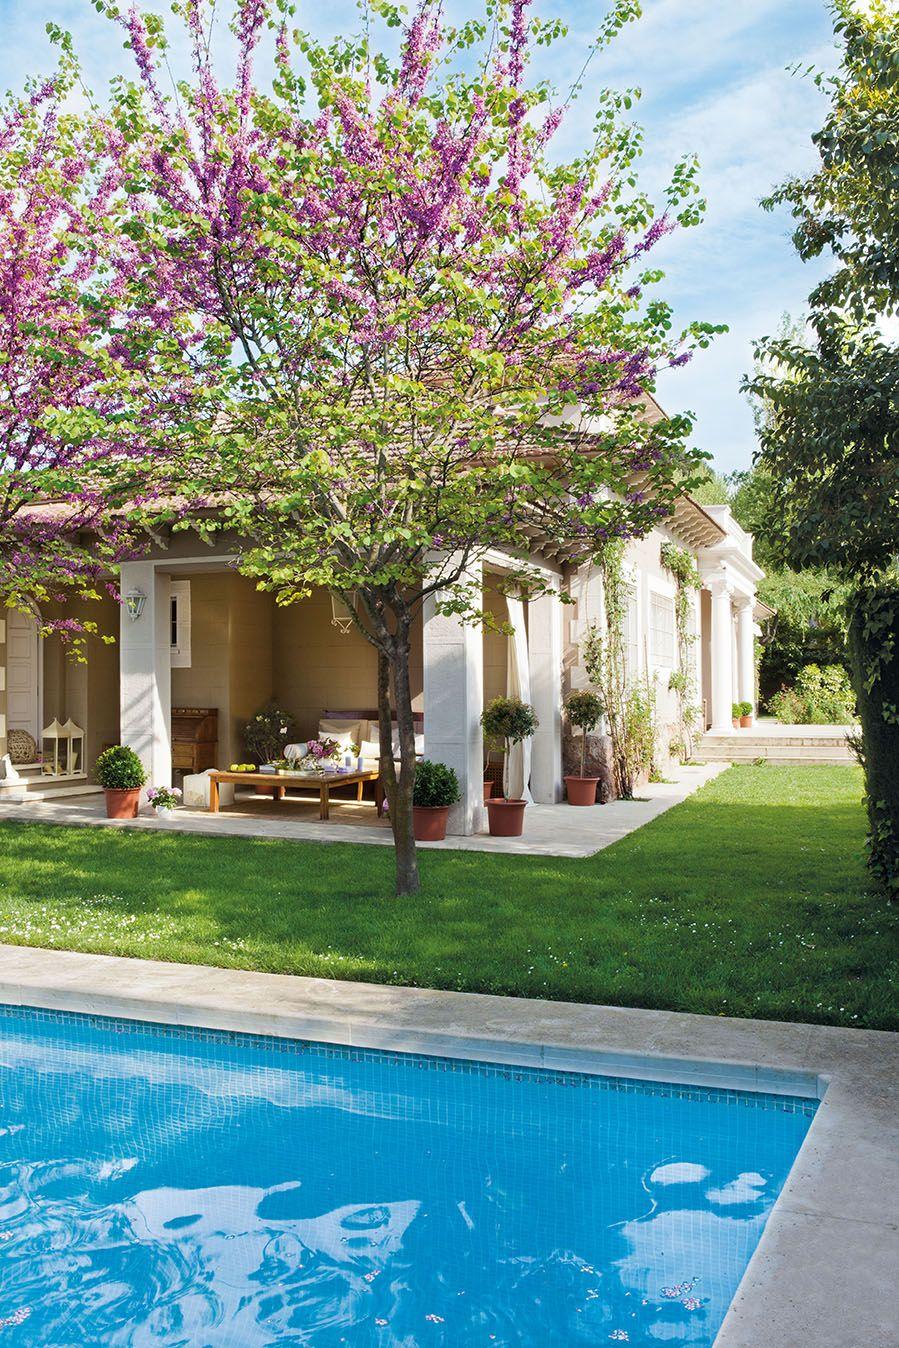 El porche lugar de descanso tras el ba o en 2019 for Casas de campo modernas con piscina